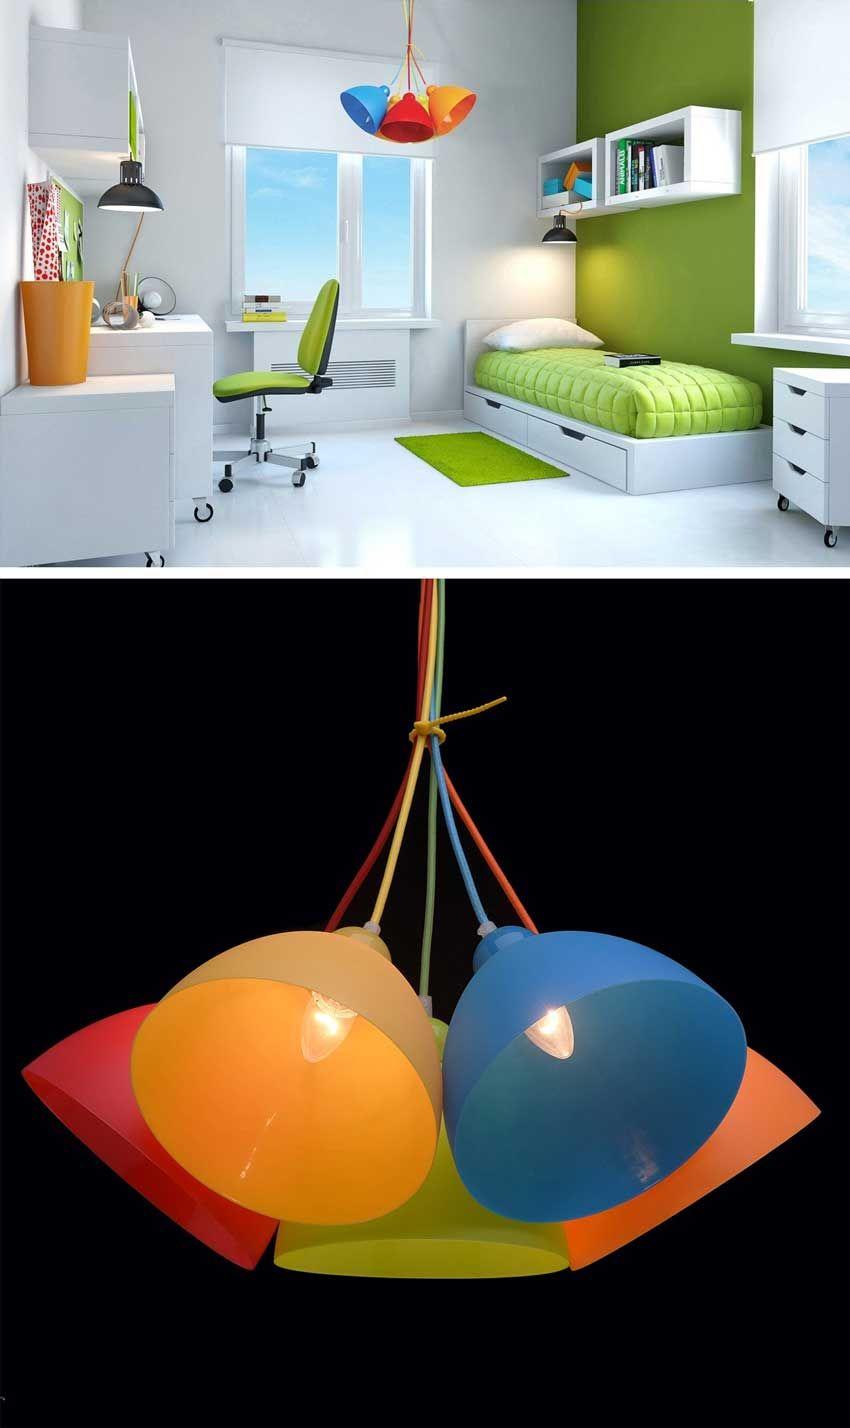 Lampadari Per Stanza Ragazzi lampadari e lampade a sospensione design: 35 idee che vi